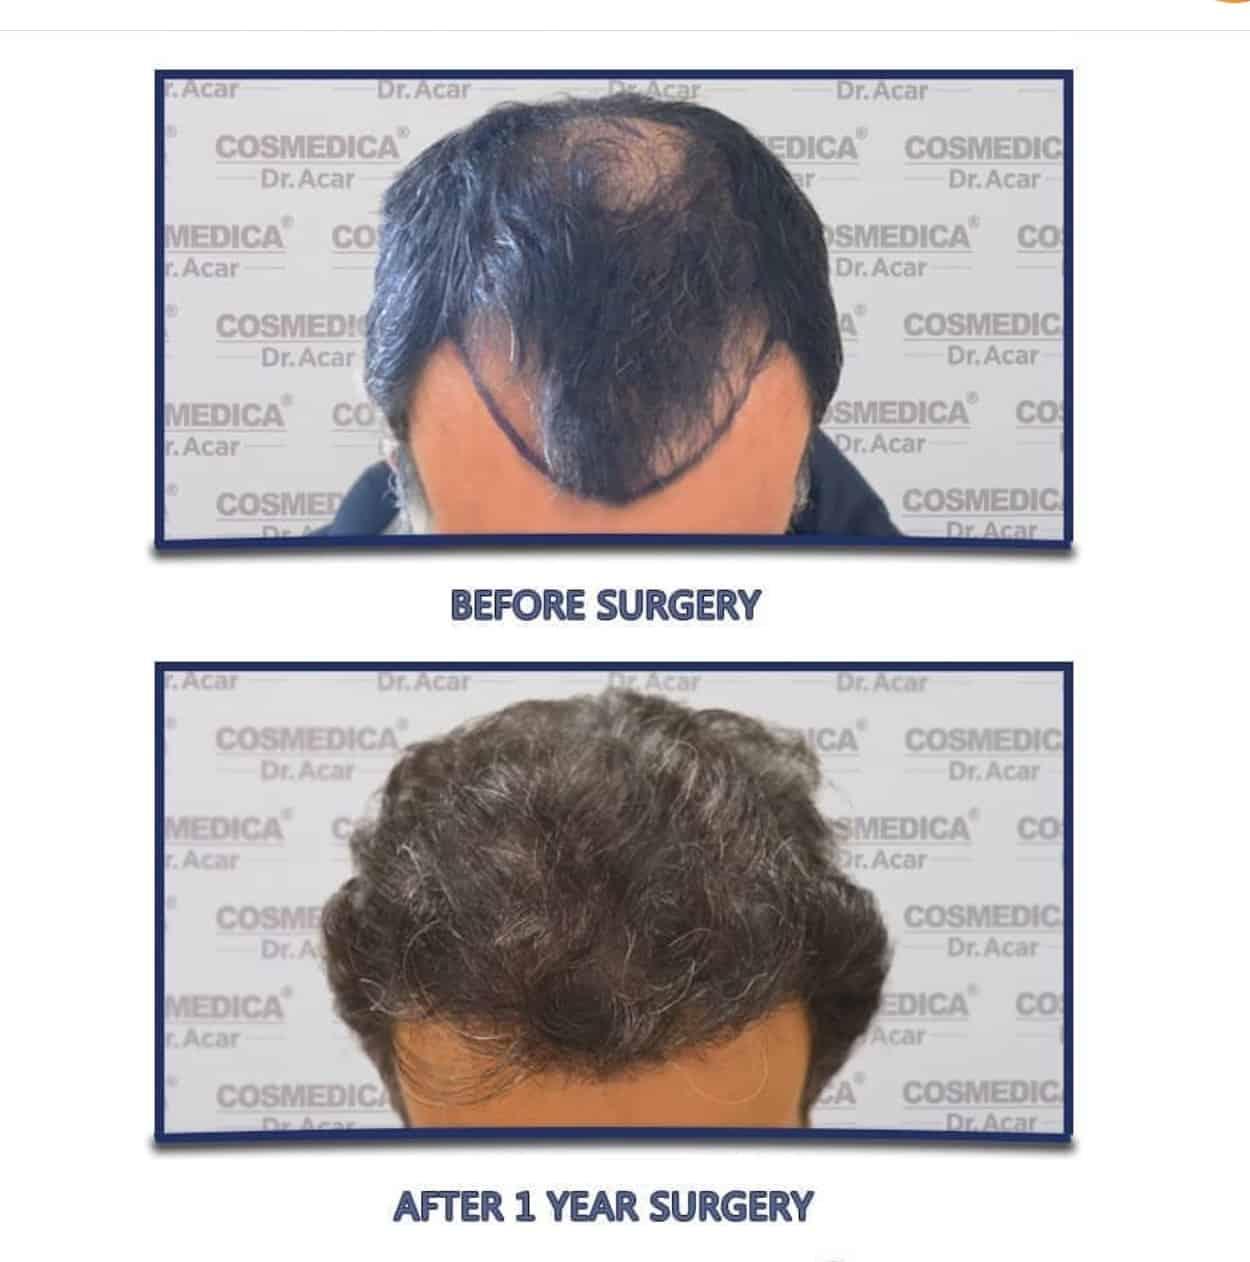 תוצאות של השתלת שיער בטורקיה לפני ואחרי שנה במטופל